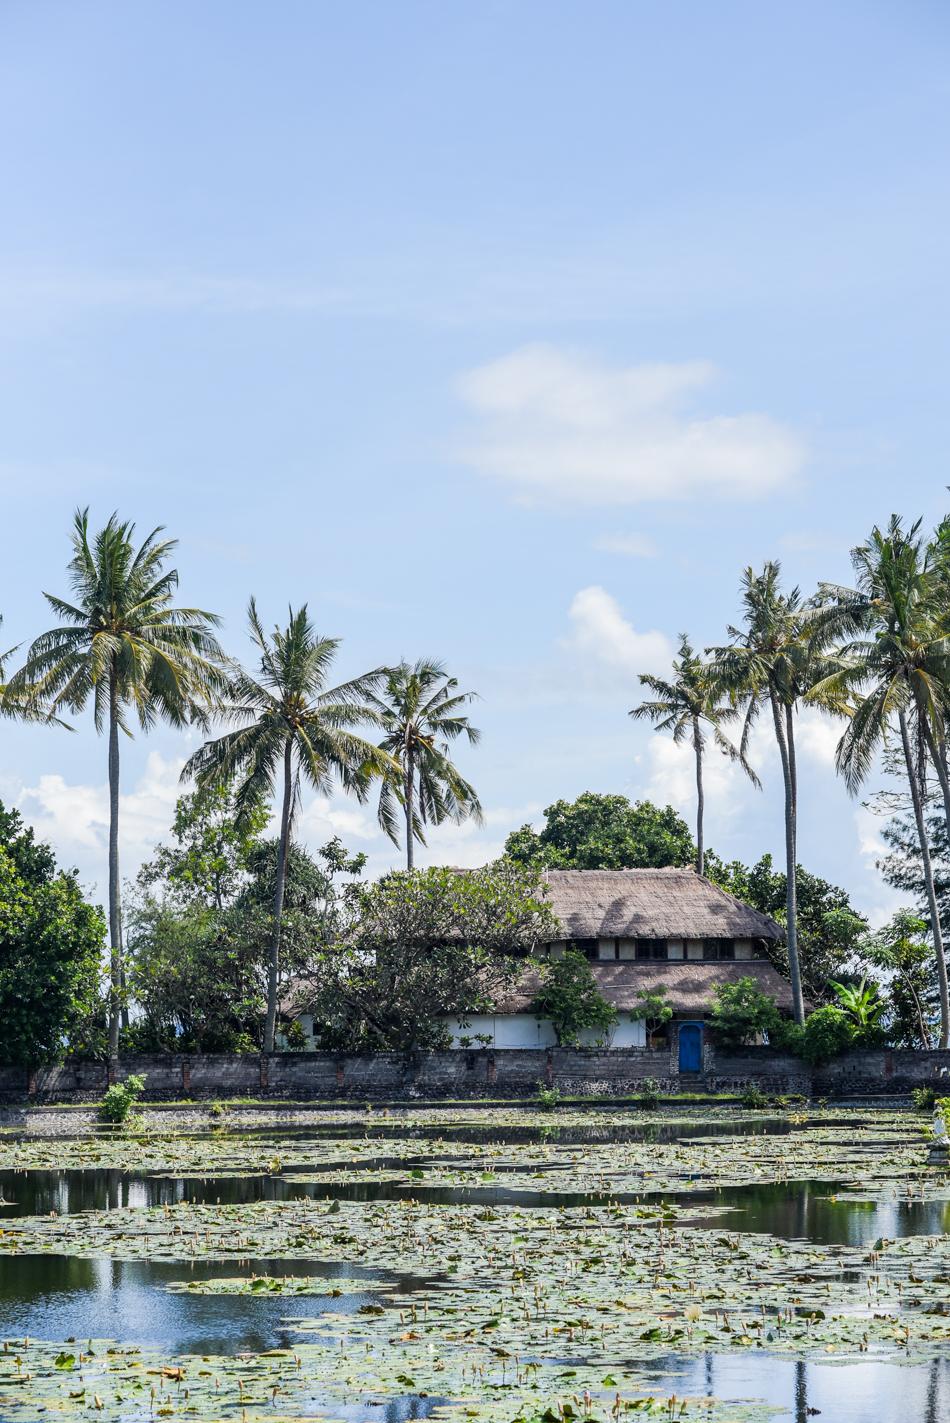 Bali-Honeymoon-Travel-AnaisStoelen-108.jpg